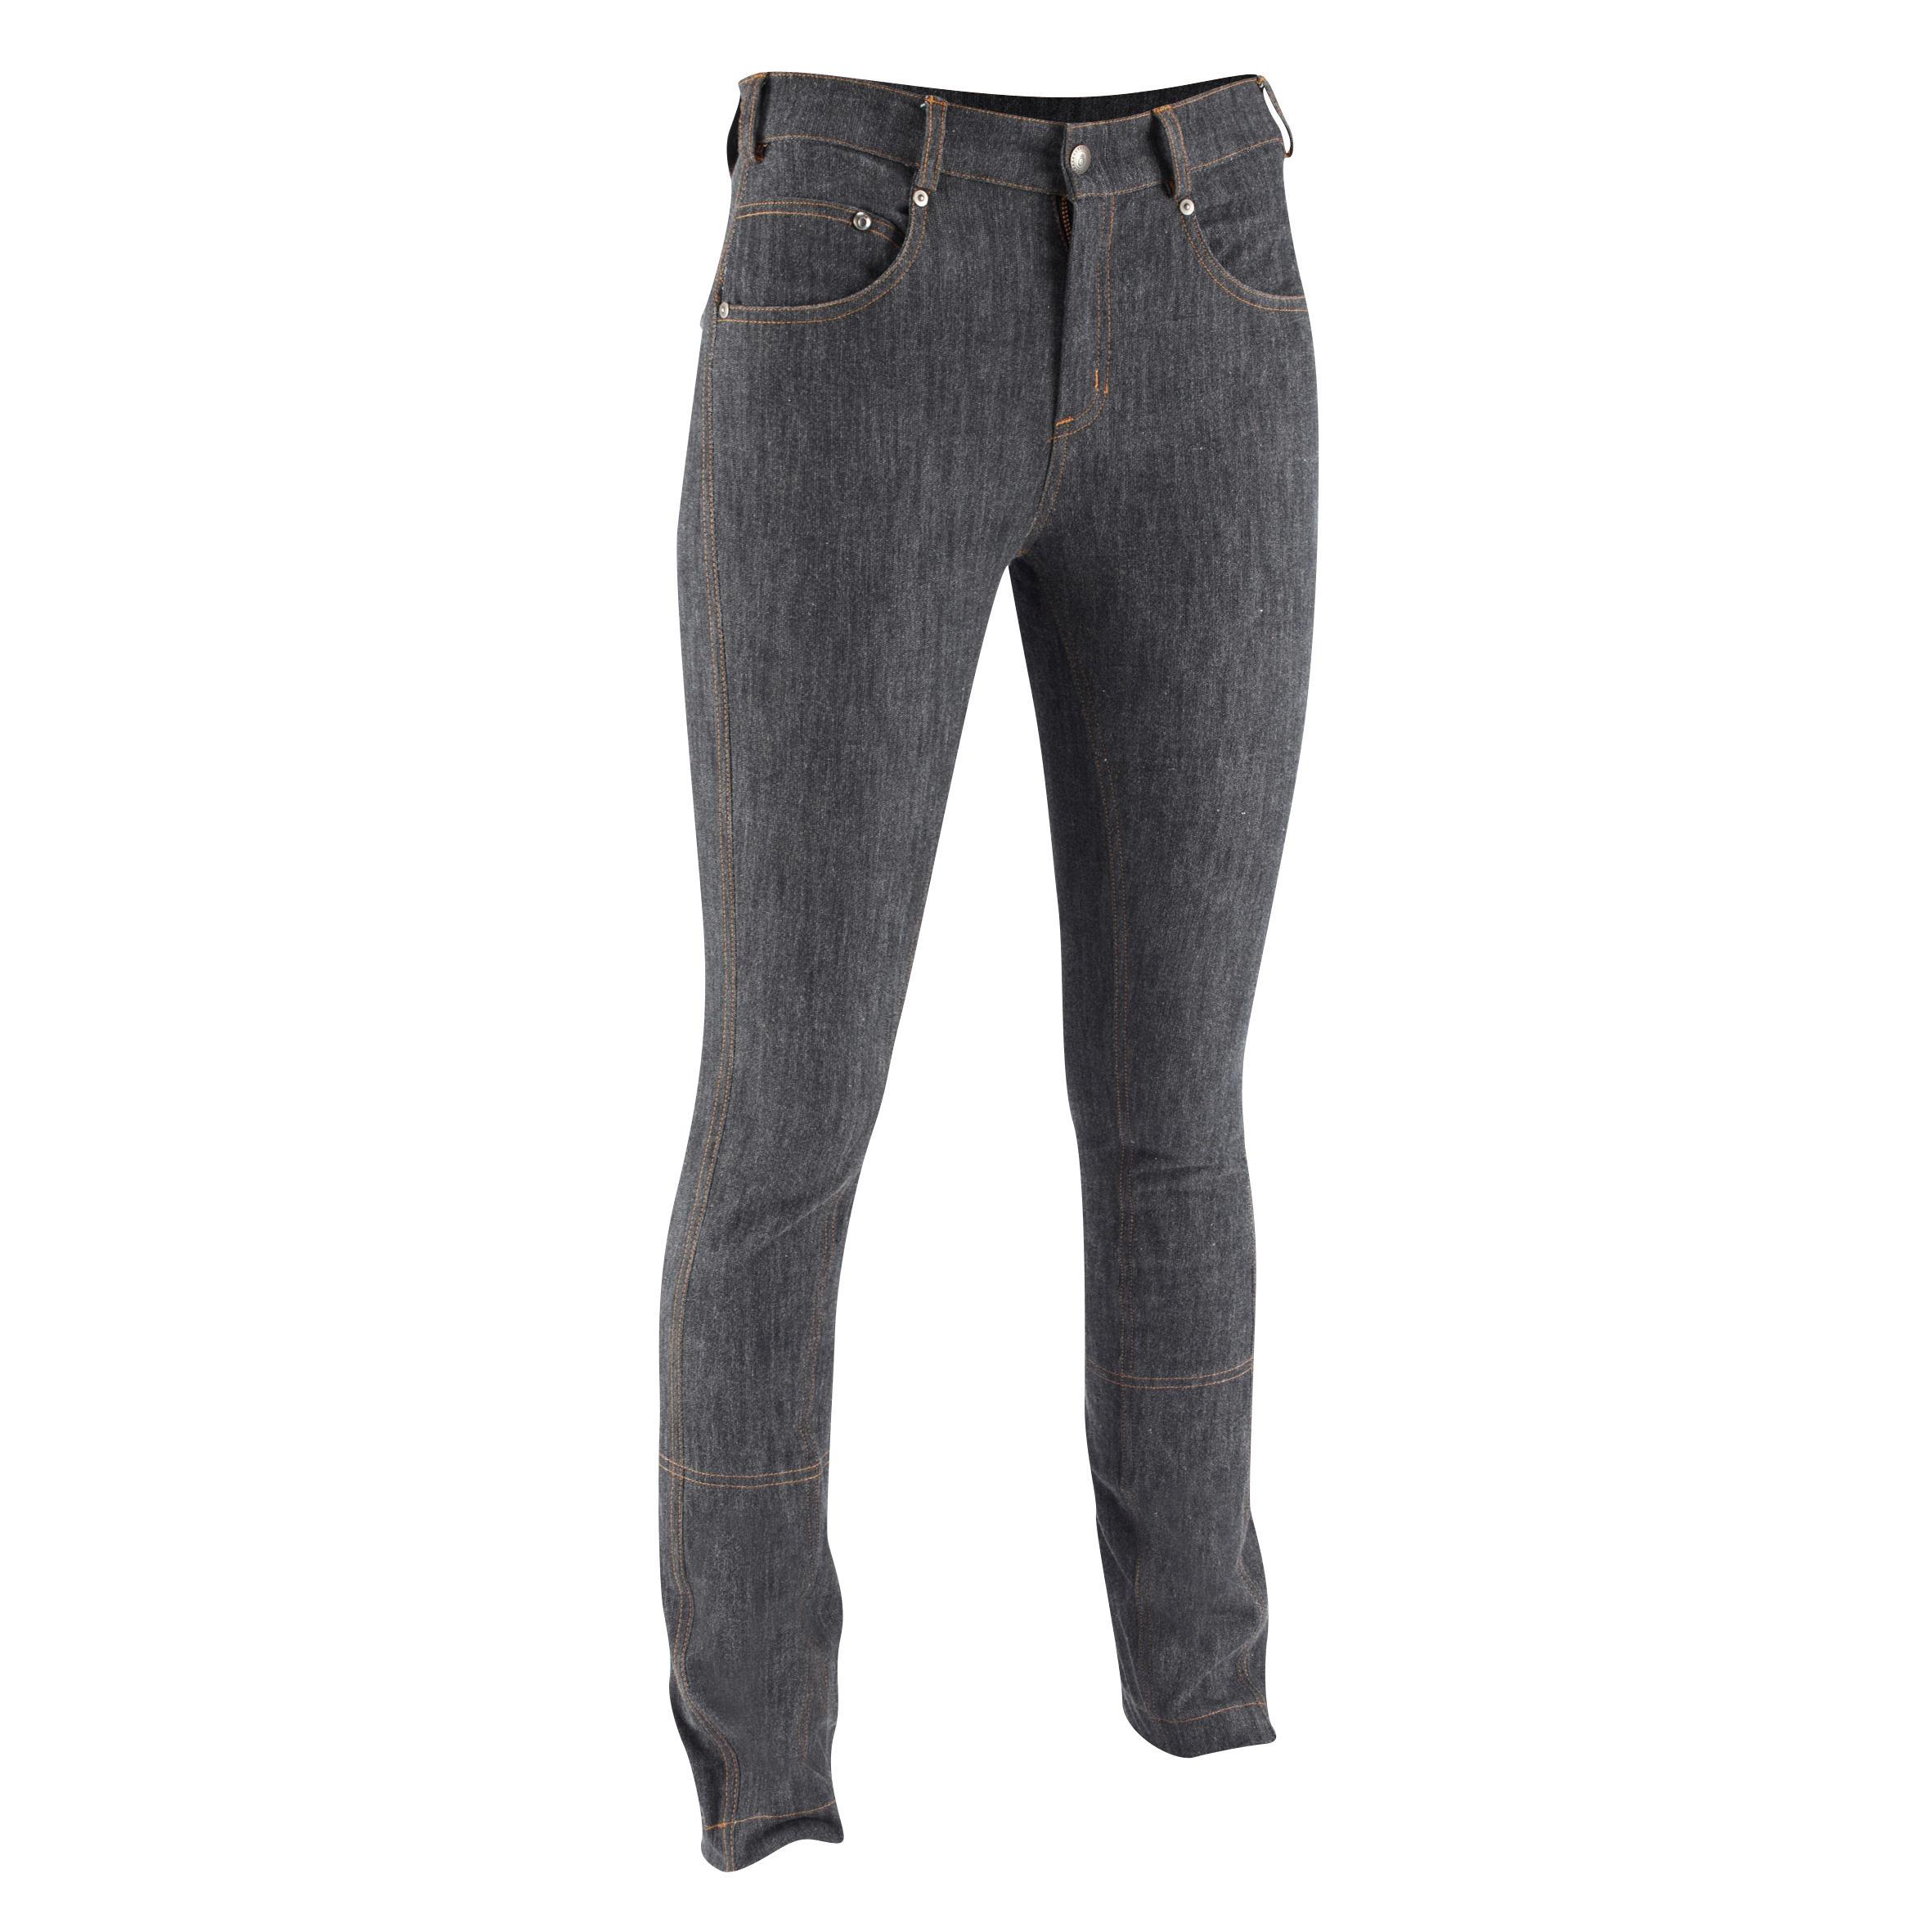 Jodhpurreithose gerader Beinabschluss Jeans Damen grau | Sportbekleidung > Sporthosen > Sonstige Sporthosen | Fouganza